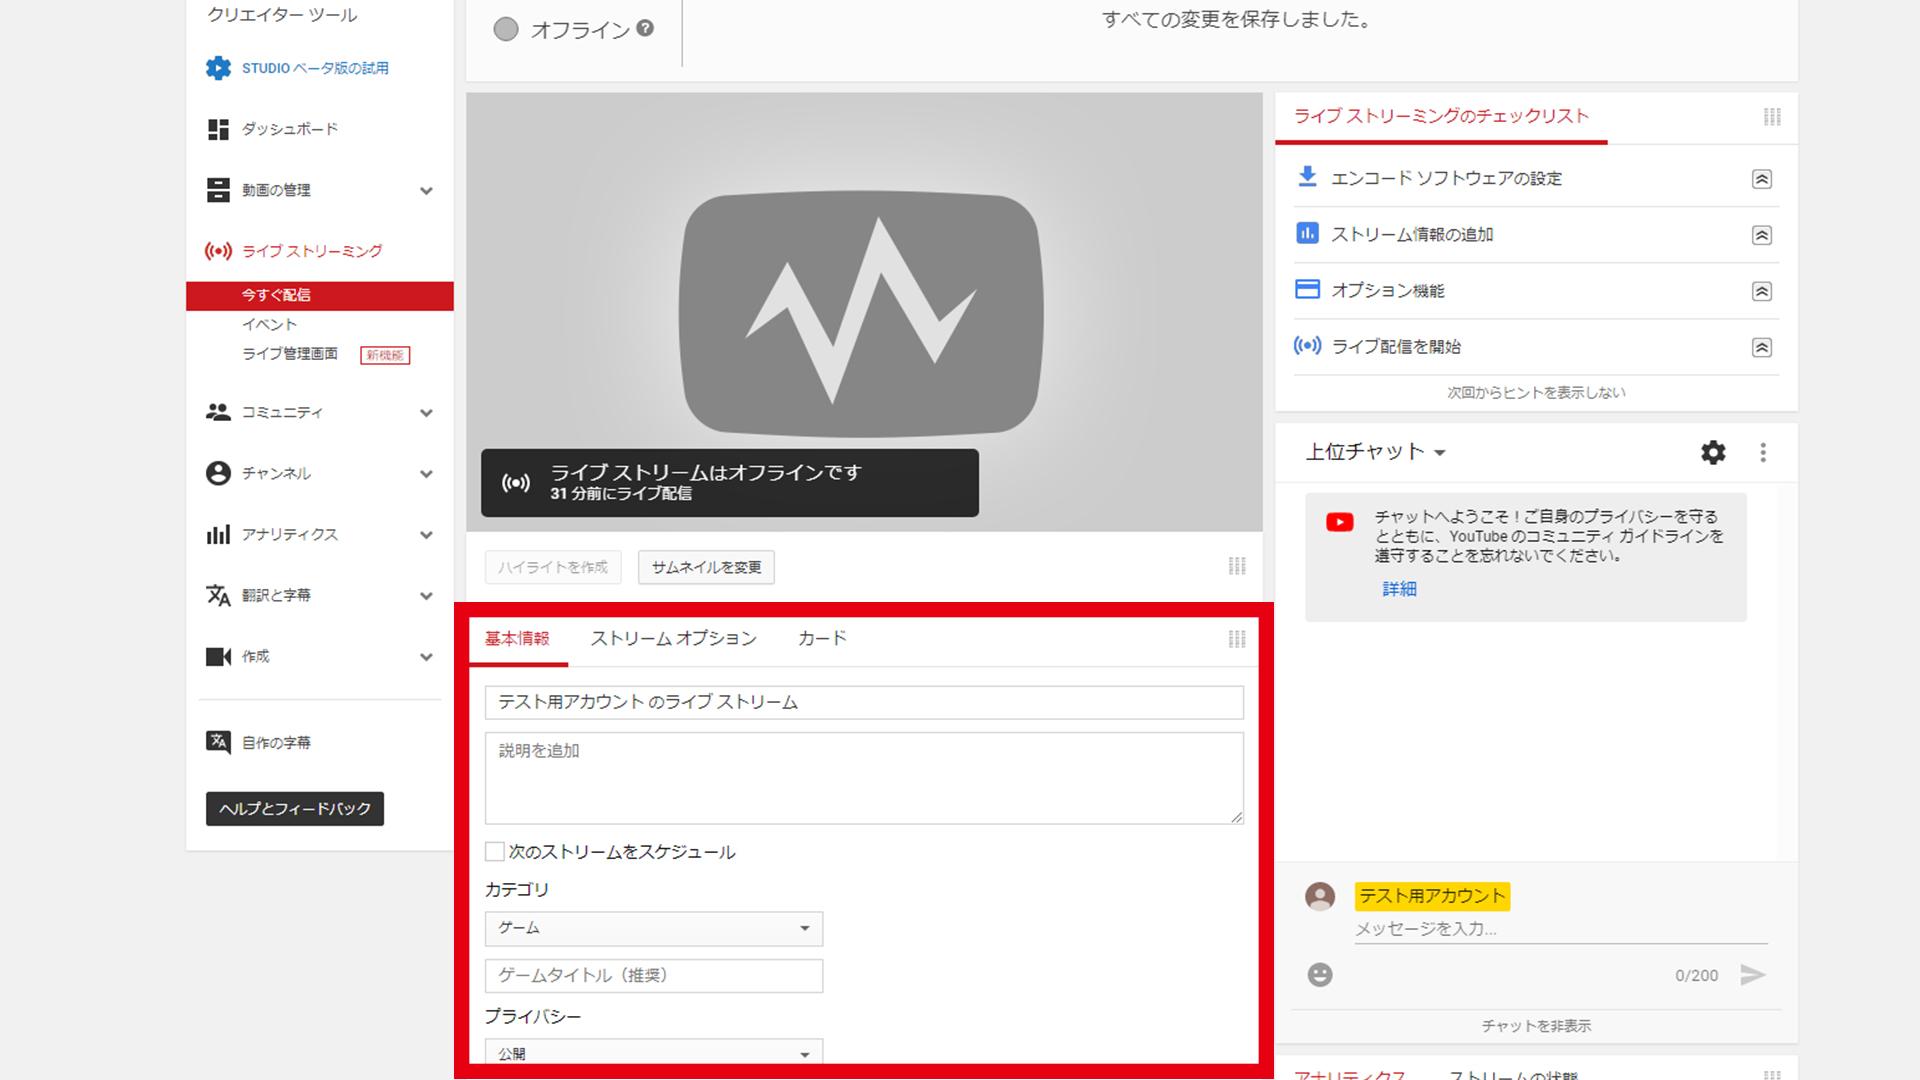 配信 youtube ライブ YouTube配信でアーカイブを残すときのポイント。見られないときは「待つ」こと